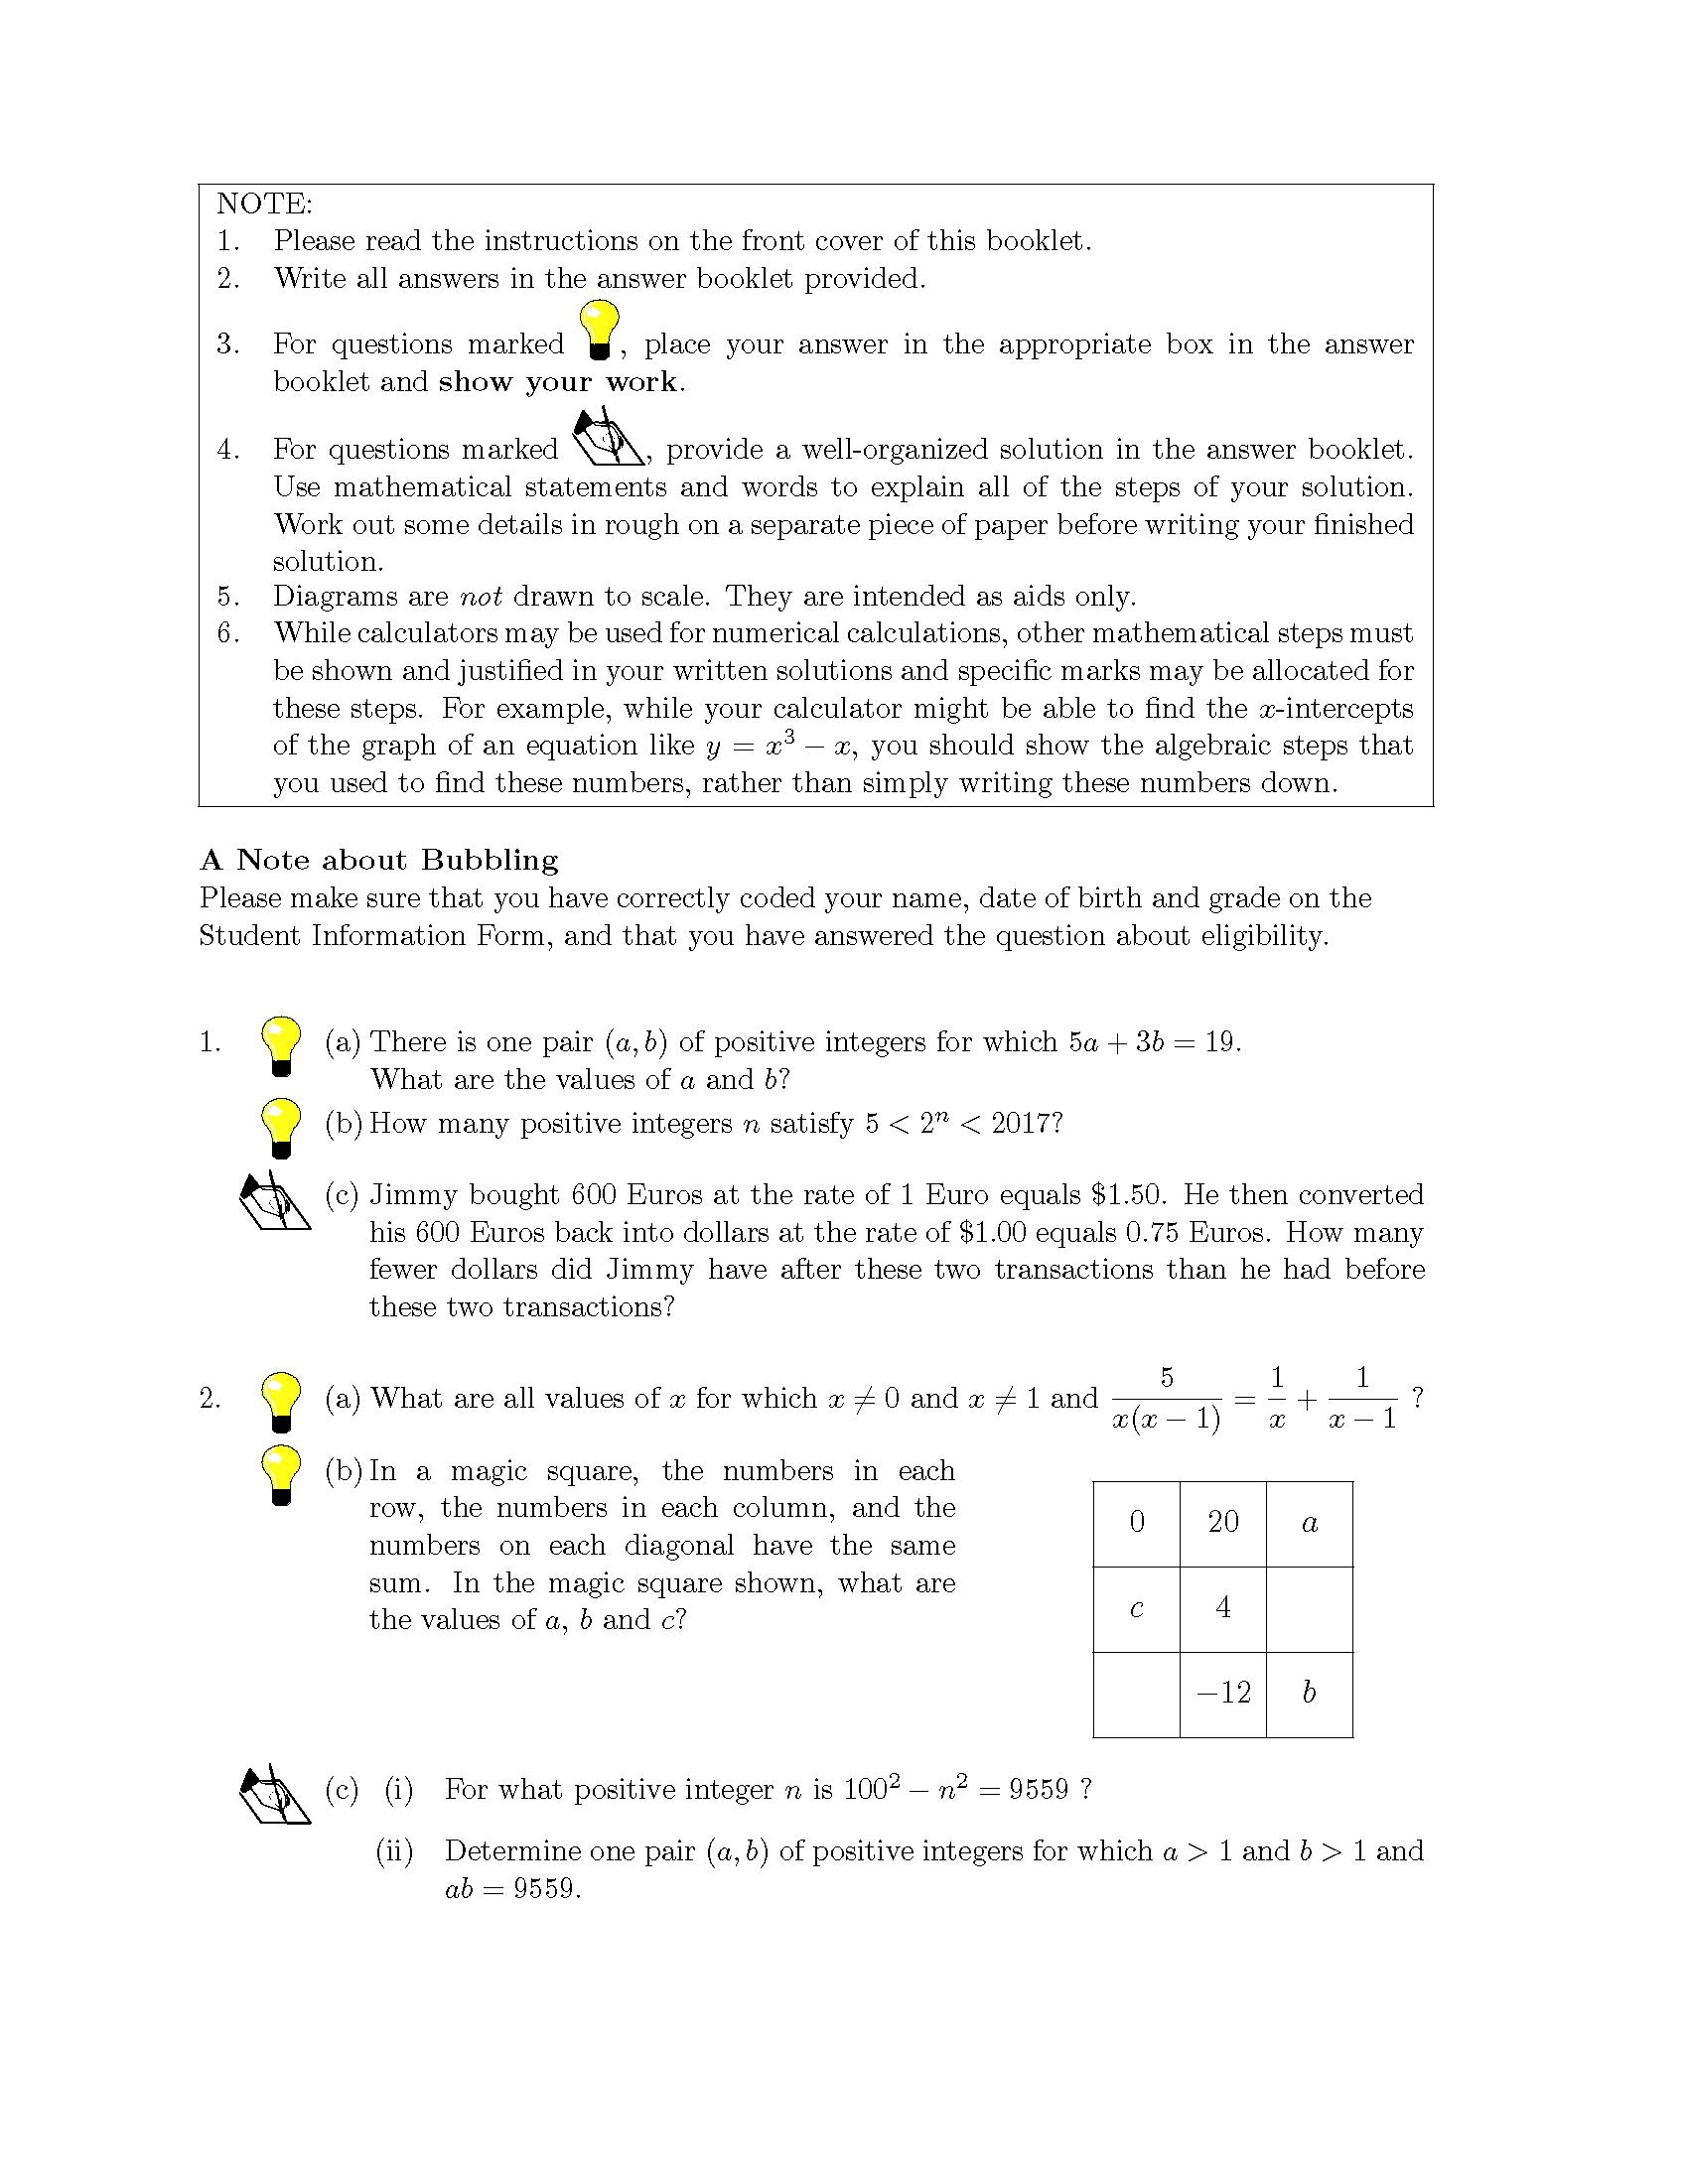 加拿大数学竞赛CMC-Euclid欧几里德数学竞赛2017年真题